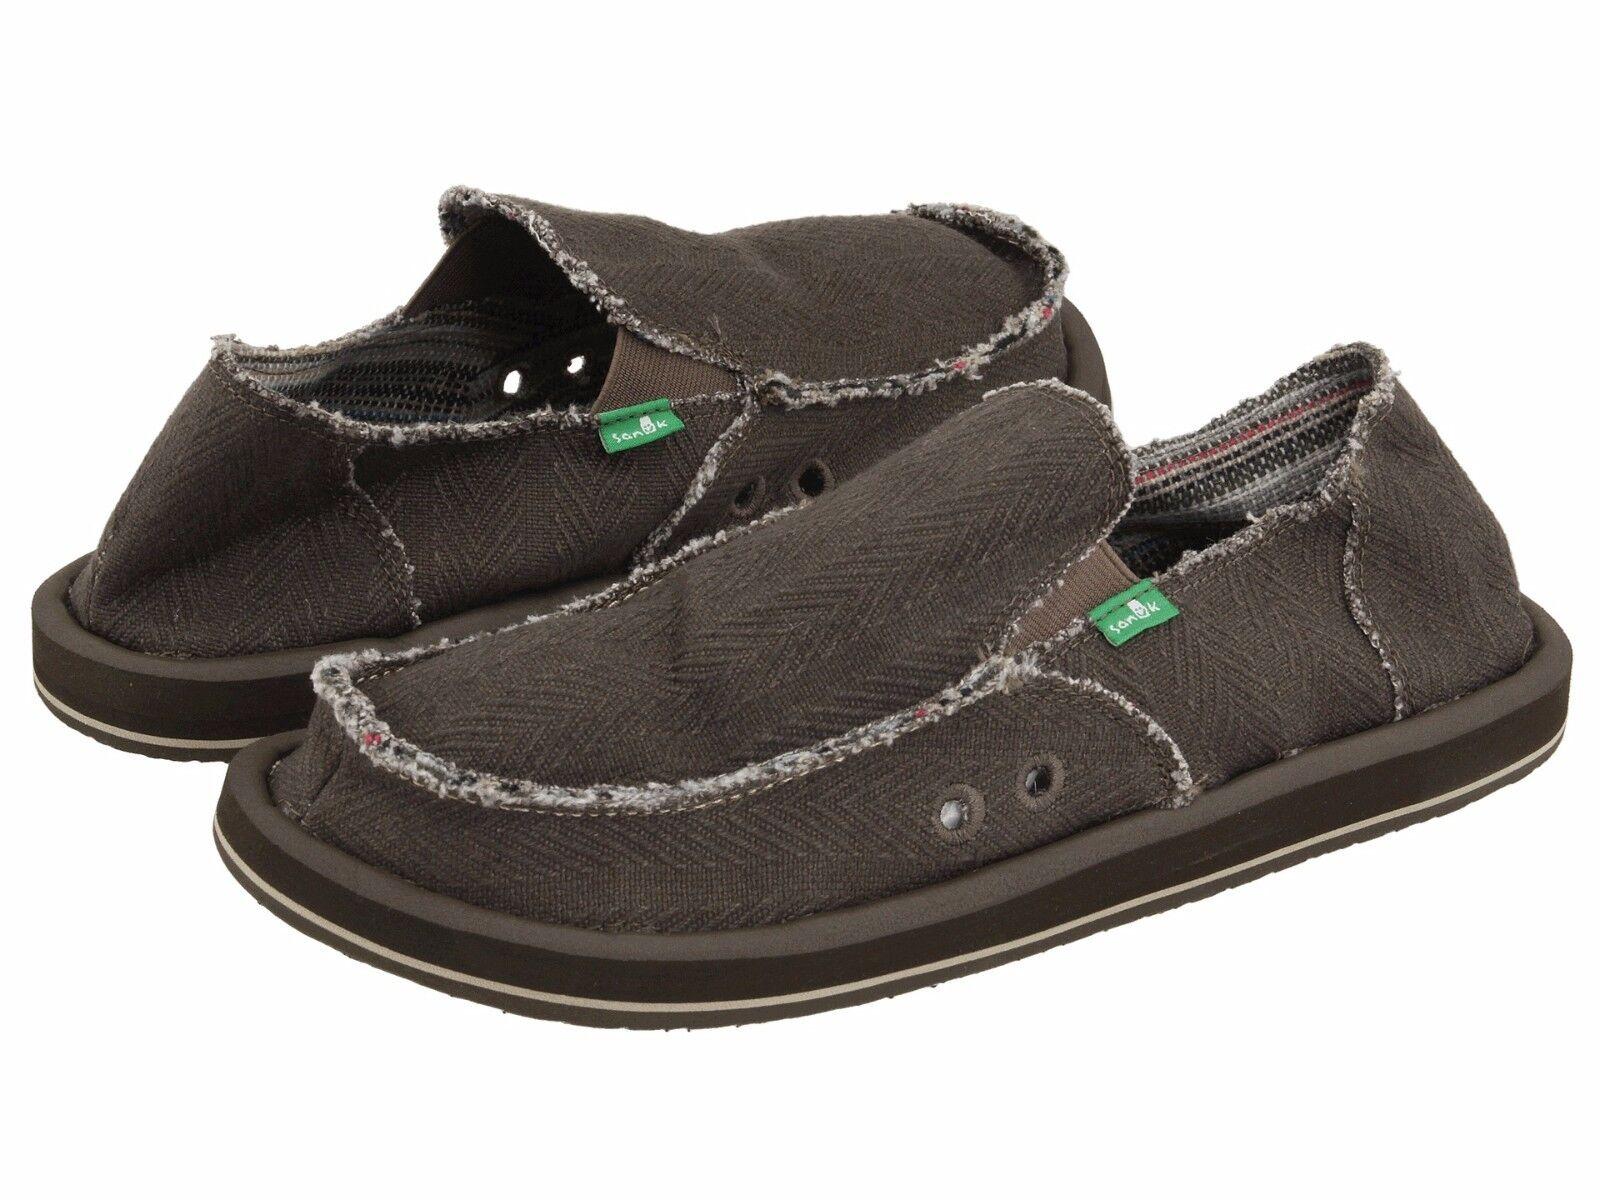 Men's Shoes Sanuk HEMP Slip On Loafers